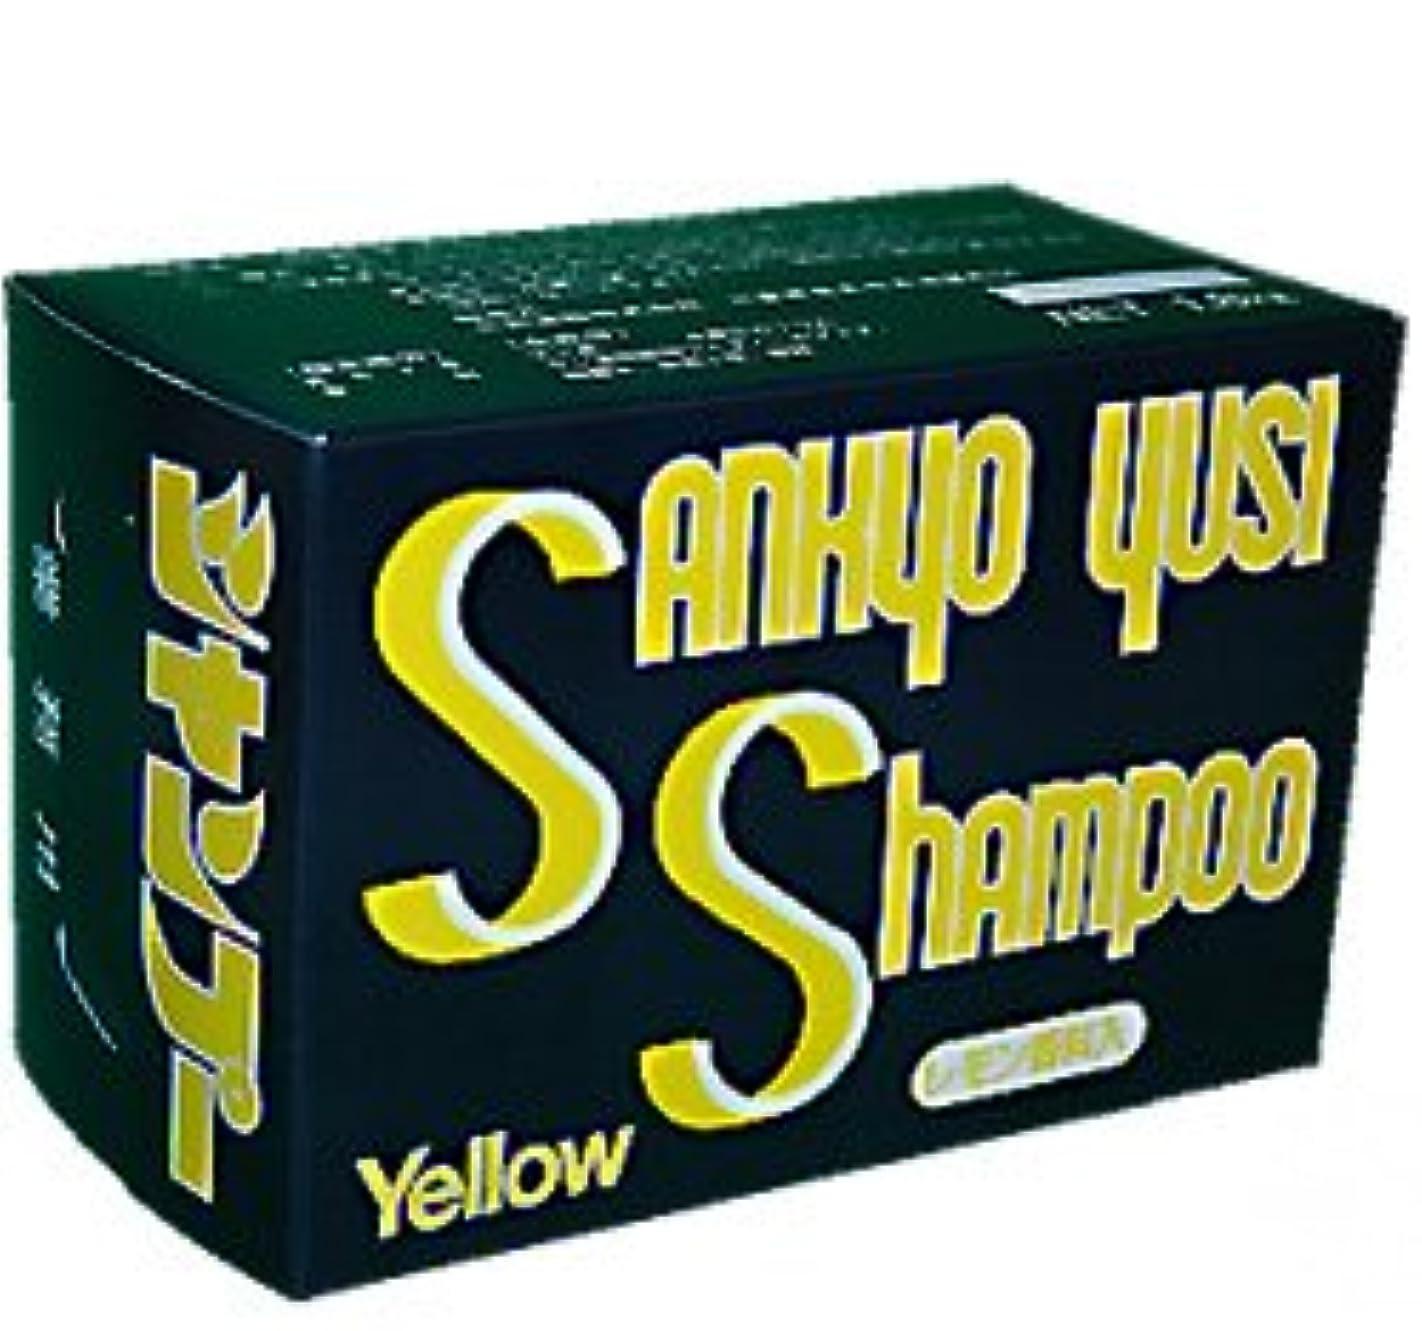 リアル非行ショルダー三共油脂 イエローシャンプー レモンの香り 1.8kg 溶かして使う超濃縮固形タイプ